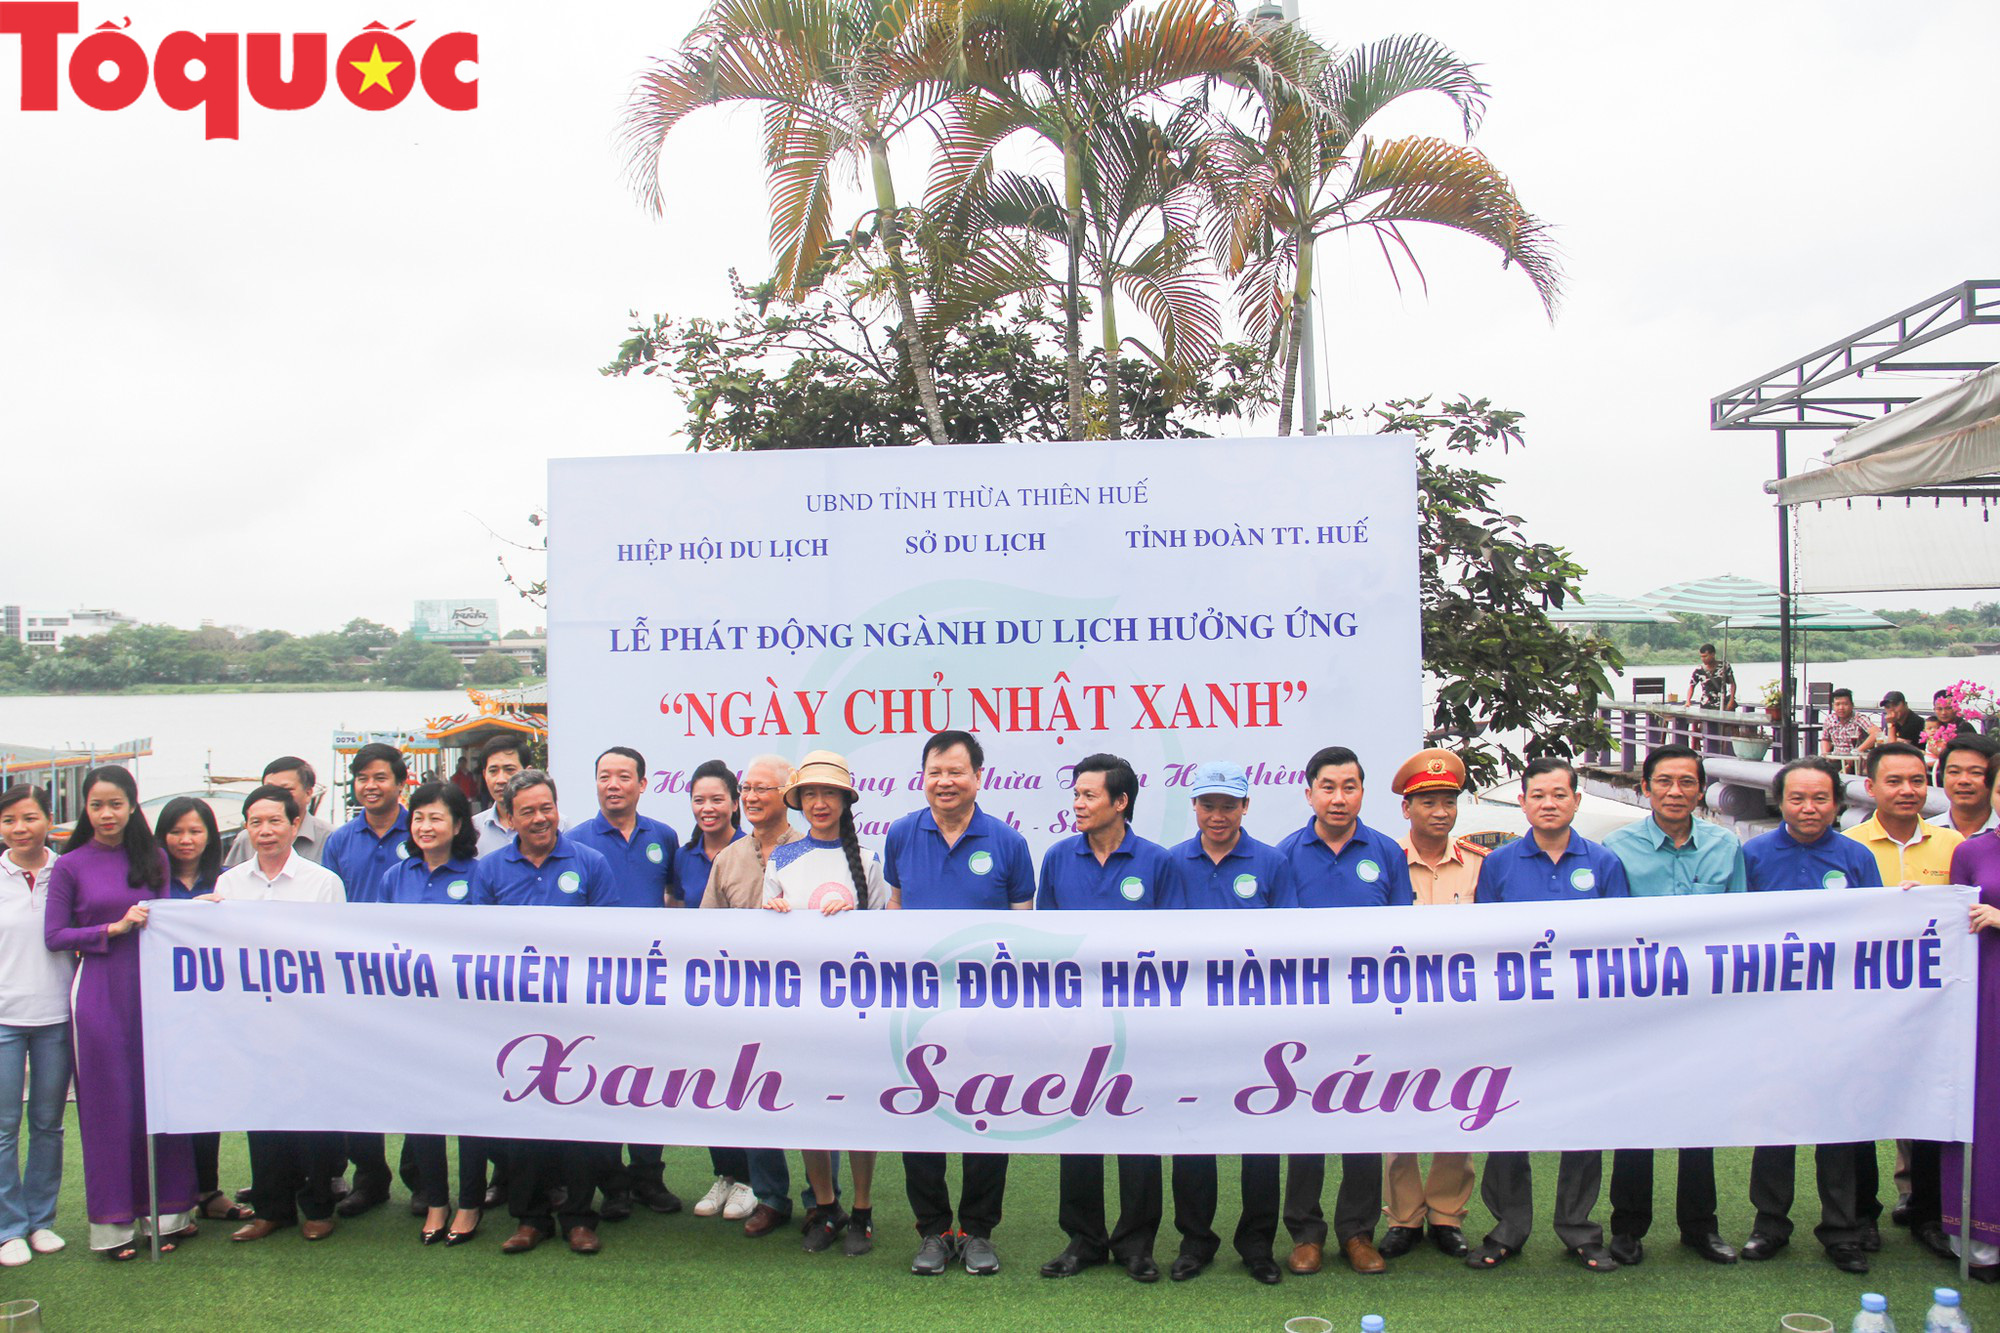 Ngành Du lịch Thừa Thiên Huế ra quân hưởng ứng Ngày chủ nhật xanh - Ảnh 1.